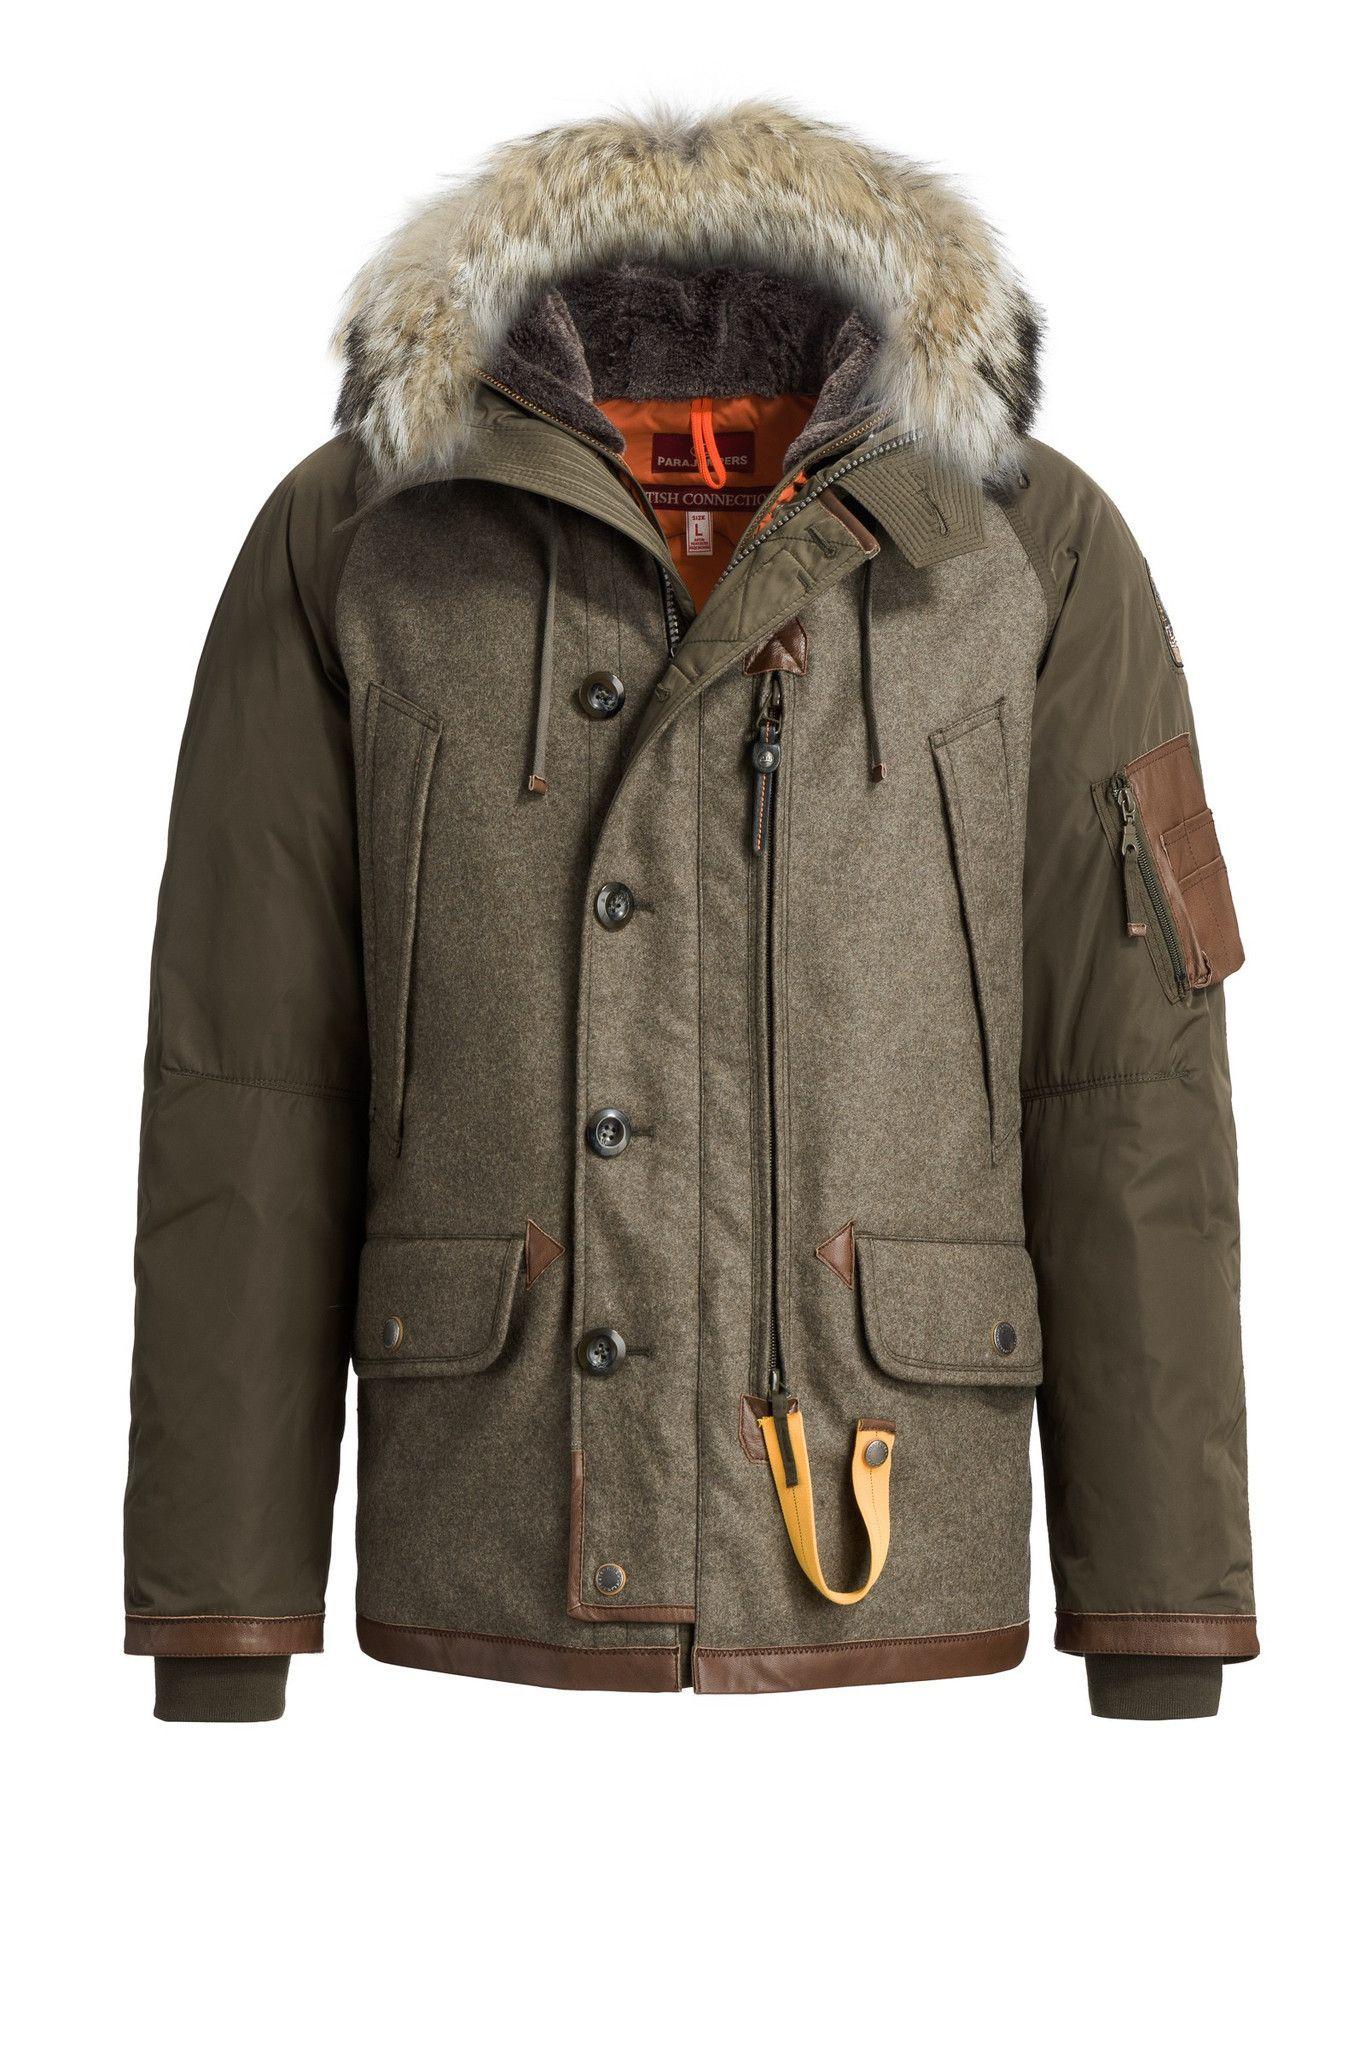 parajumpers peers men's jacket